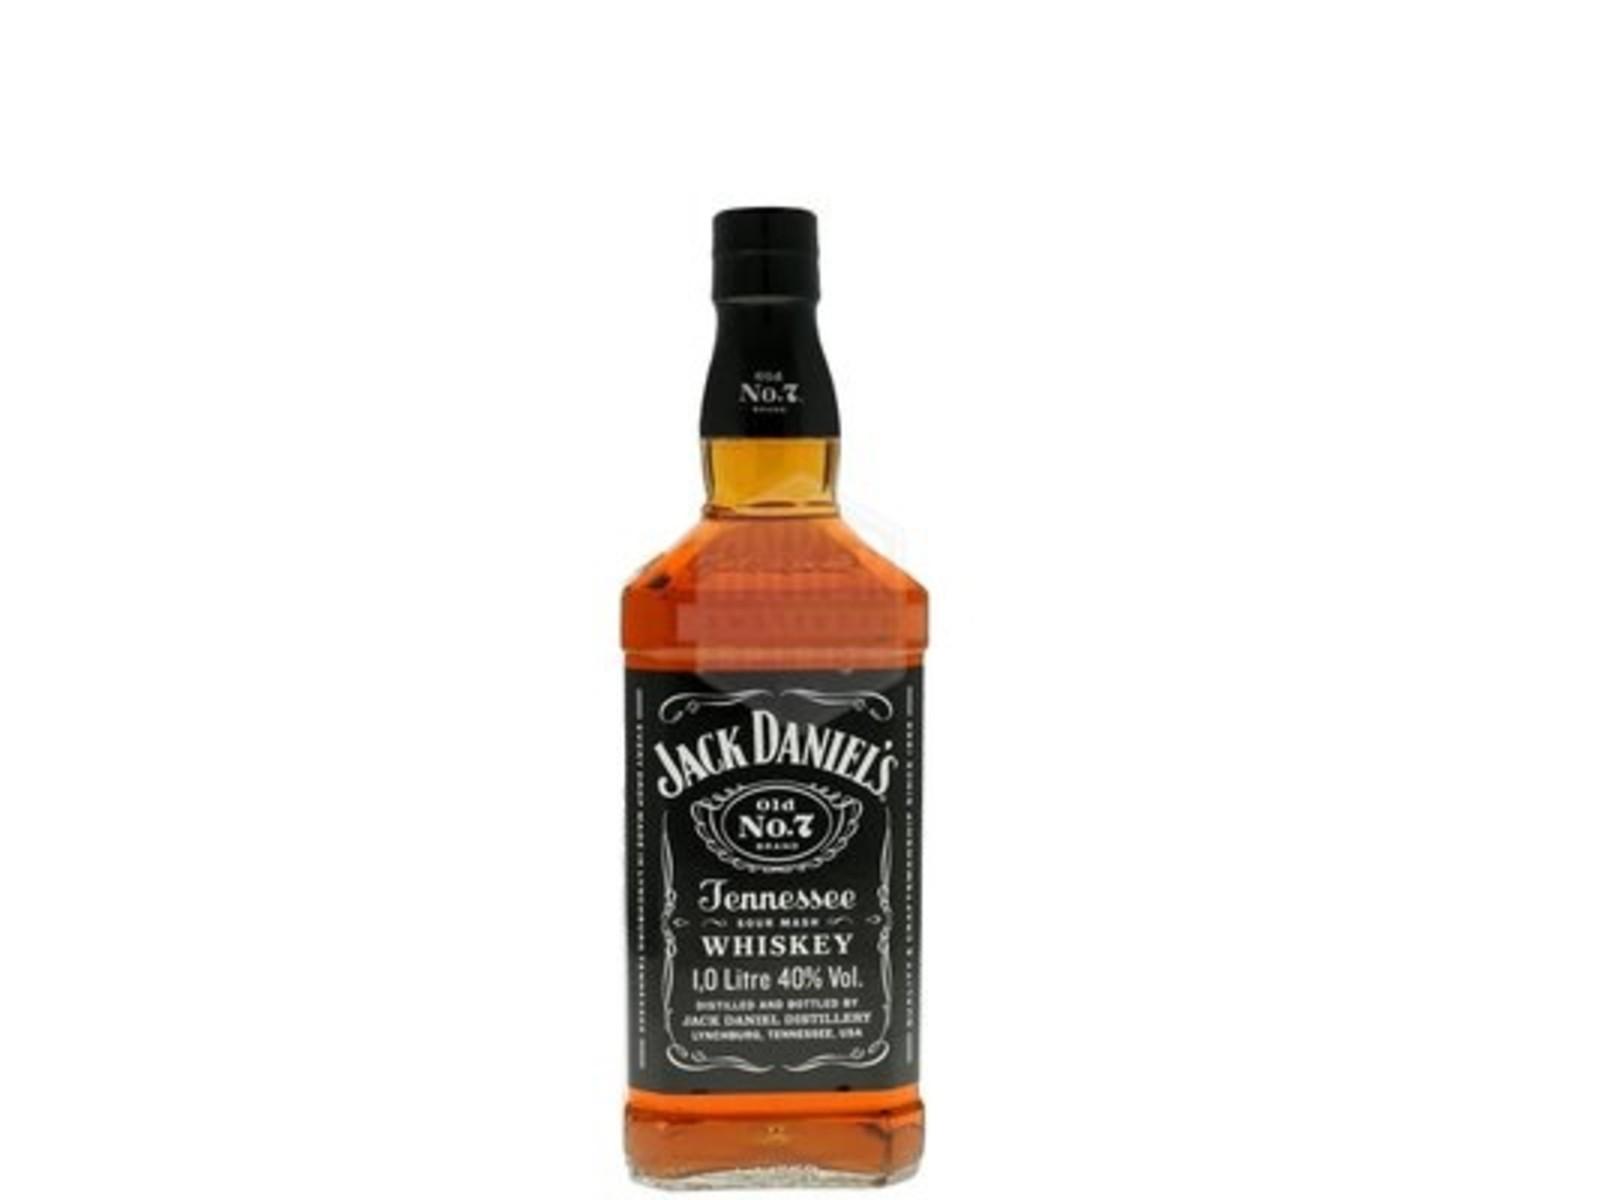 Jack Daniel's Jack Daniel's / No.7 / bourbon / 1L